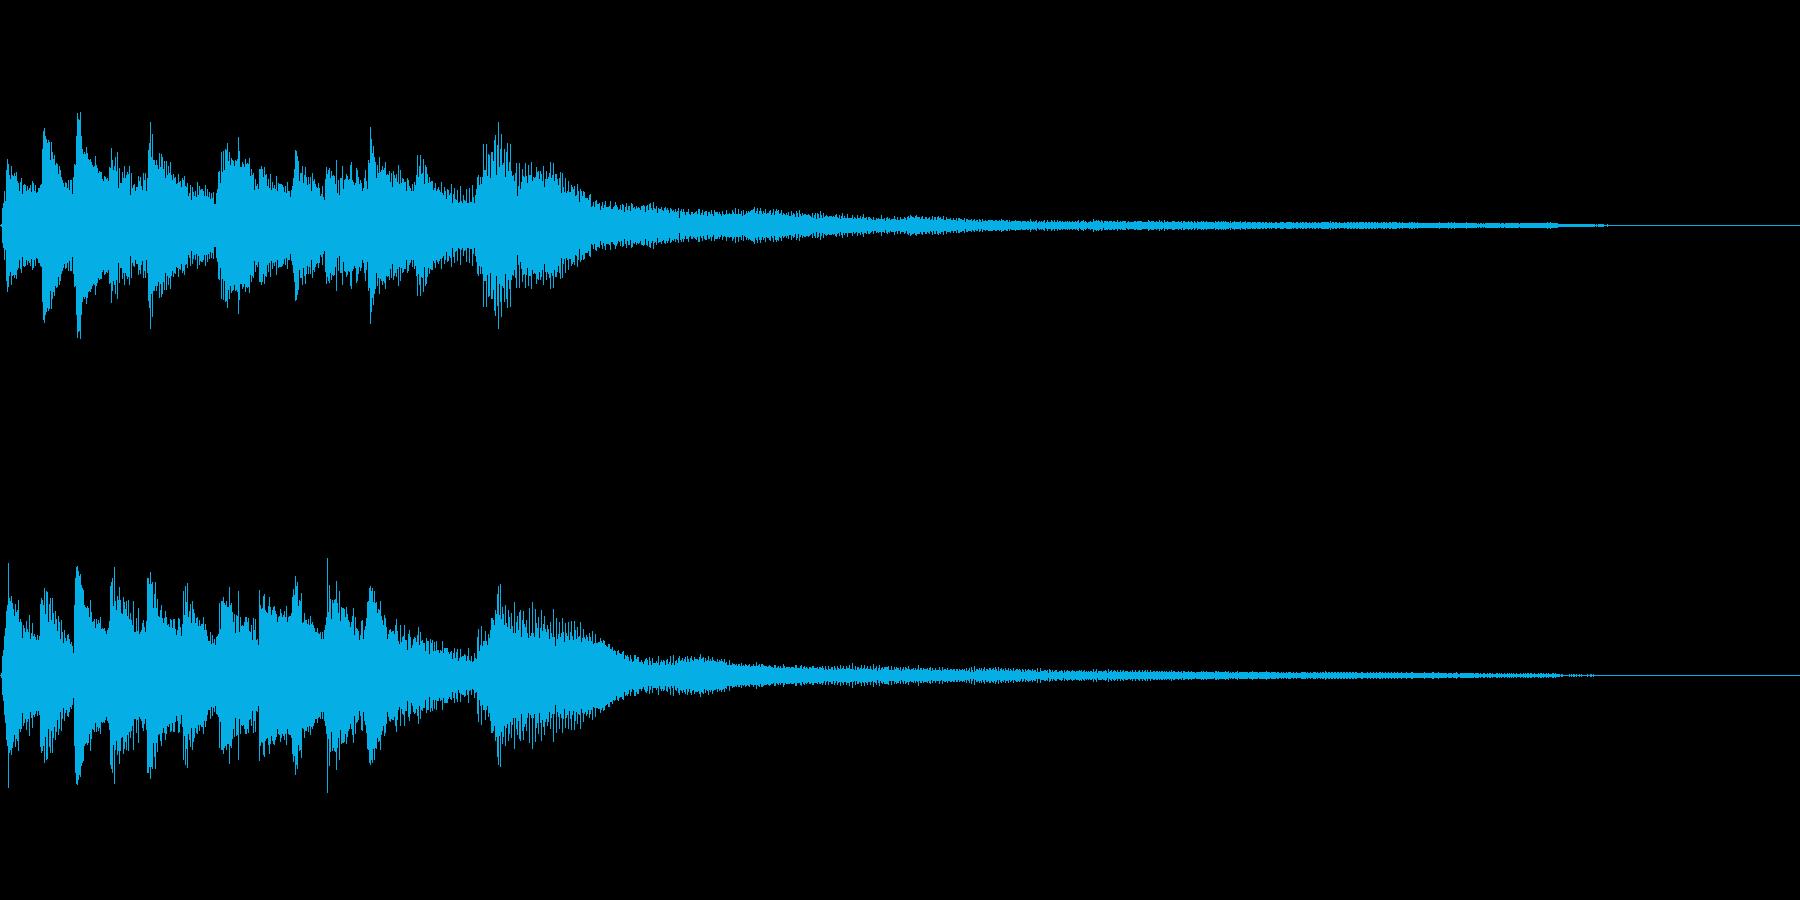 和風のジングル3-ピアノソロの再生済みの波形